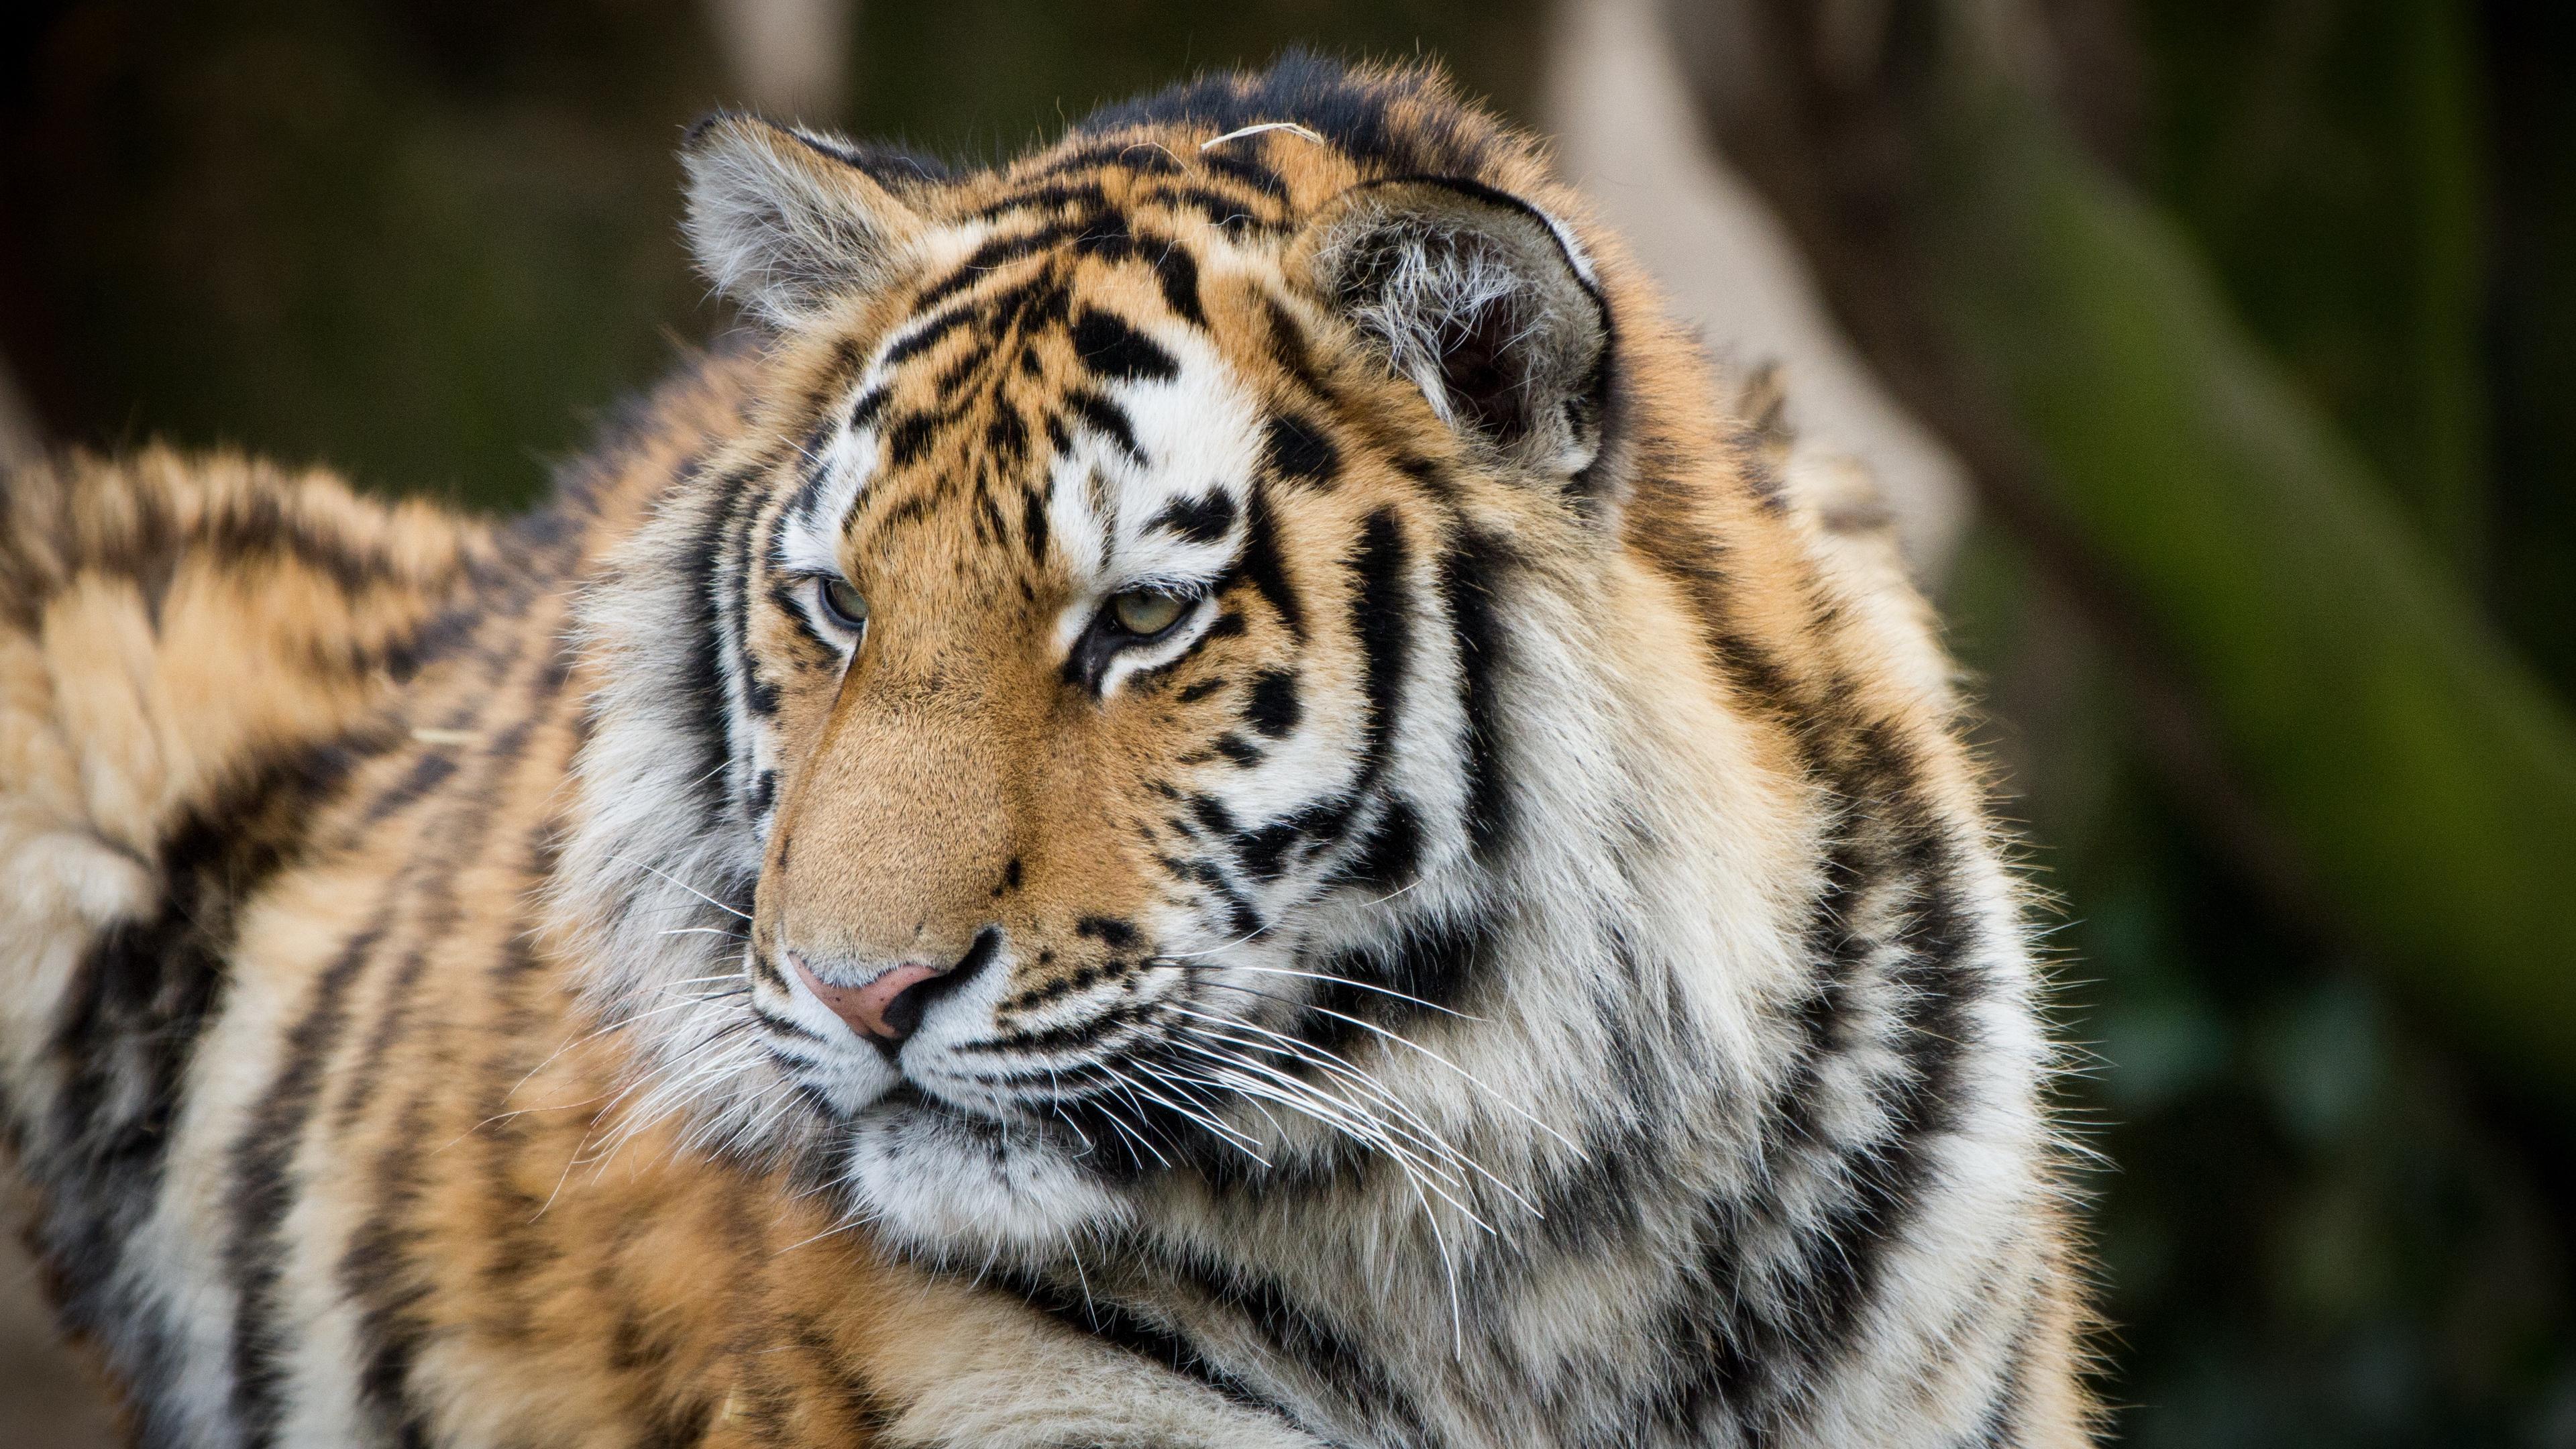 tiger muzzle predator look big cat 4k 1542242784 - tiger, muzzle, predator, look, big cat 4k - Tiger, Predator, muzzle